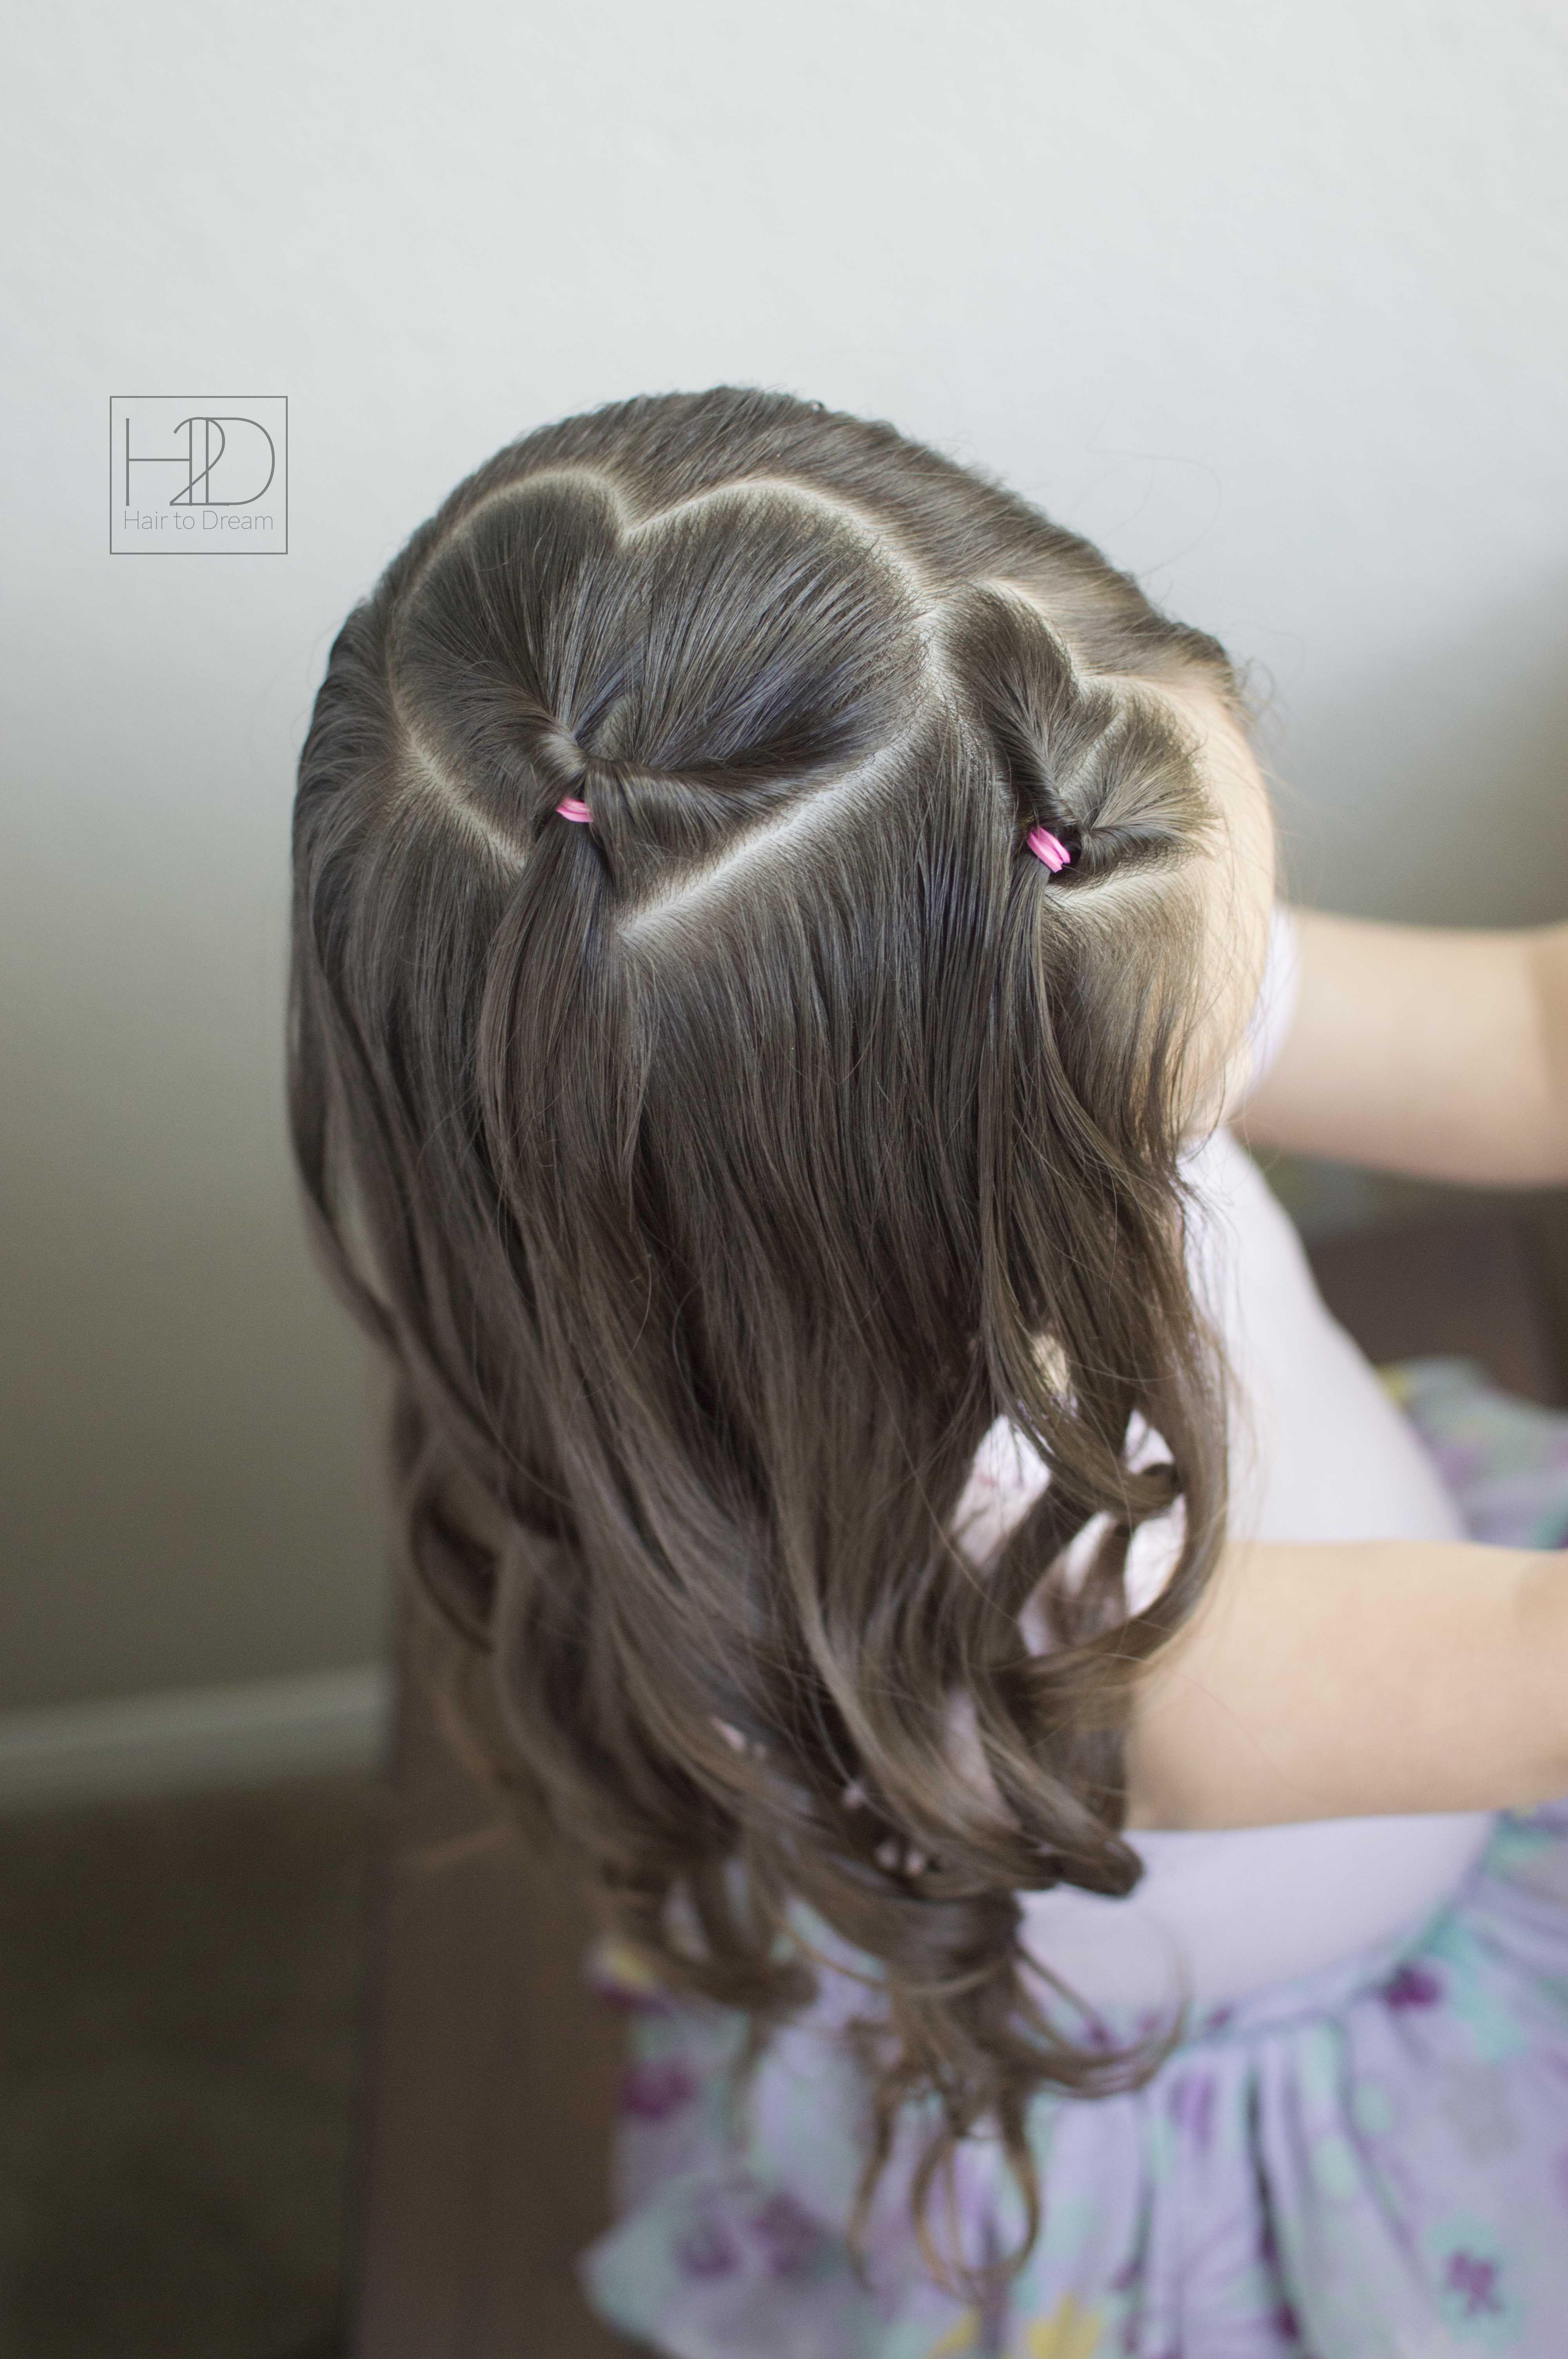 Simple Heart Hairstyle Very Easy Diy Hearthair Valentinesdayhairstyle Hearthairstyle Hairstylesforki Girls Hairstyles Easy Baby Hairstyles Girl Hairstyles